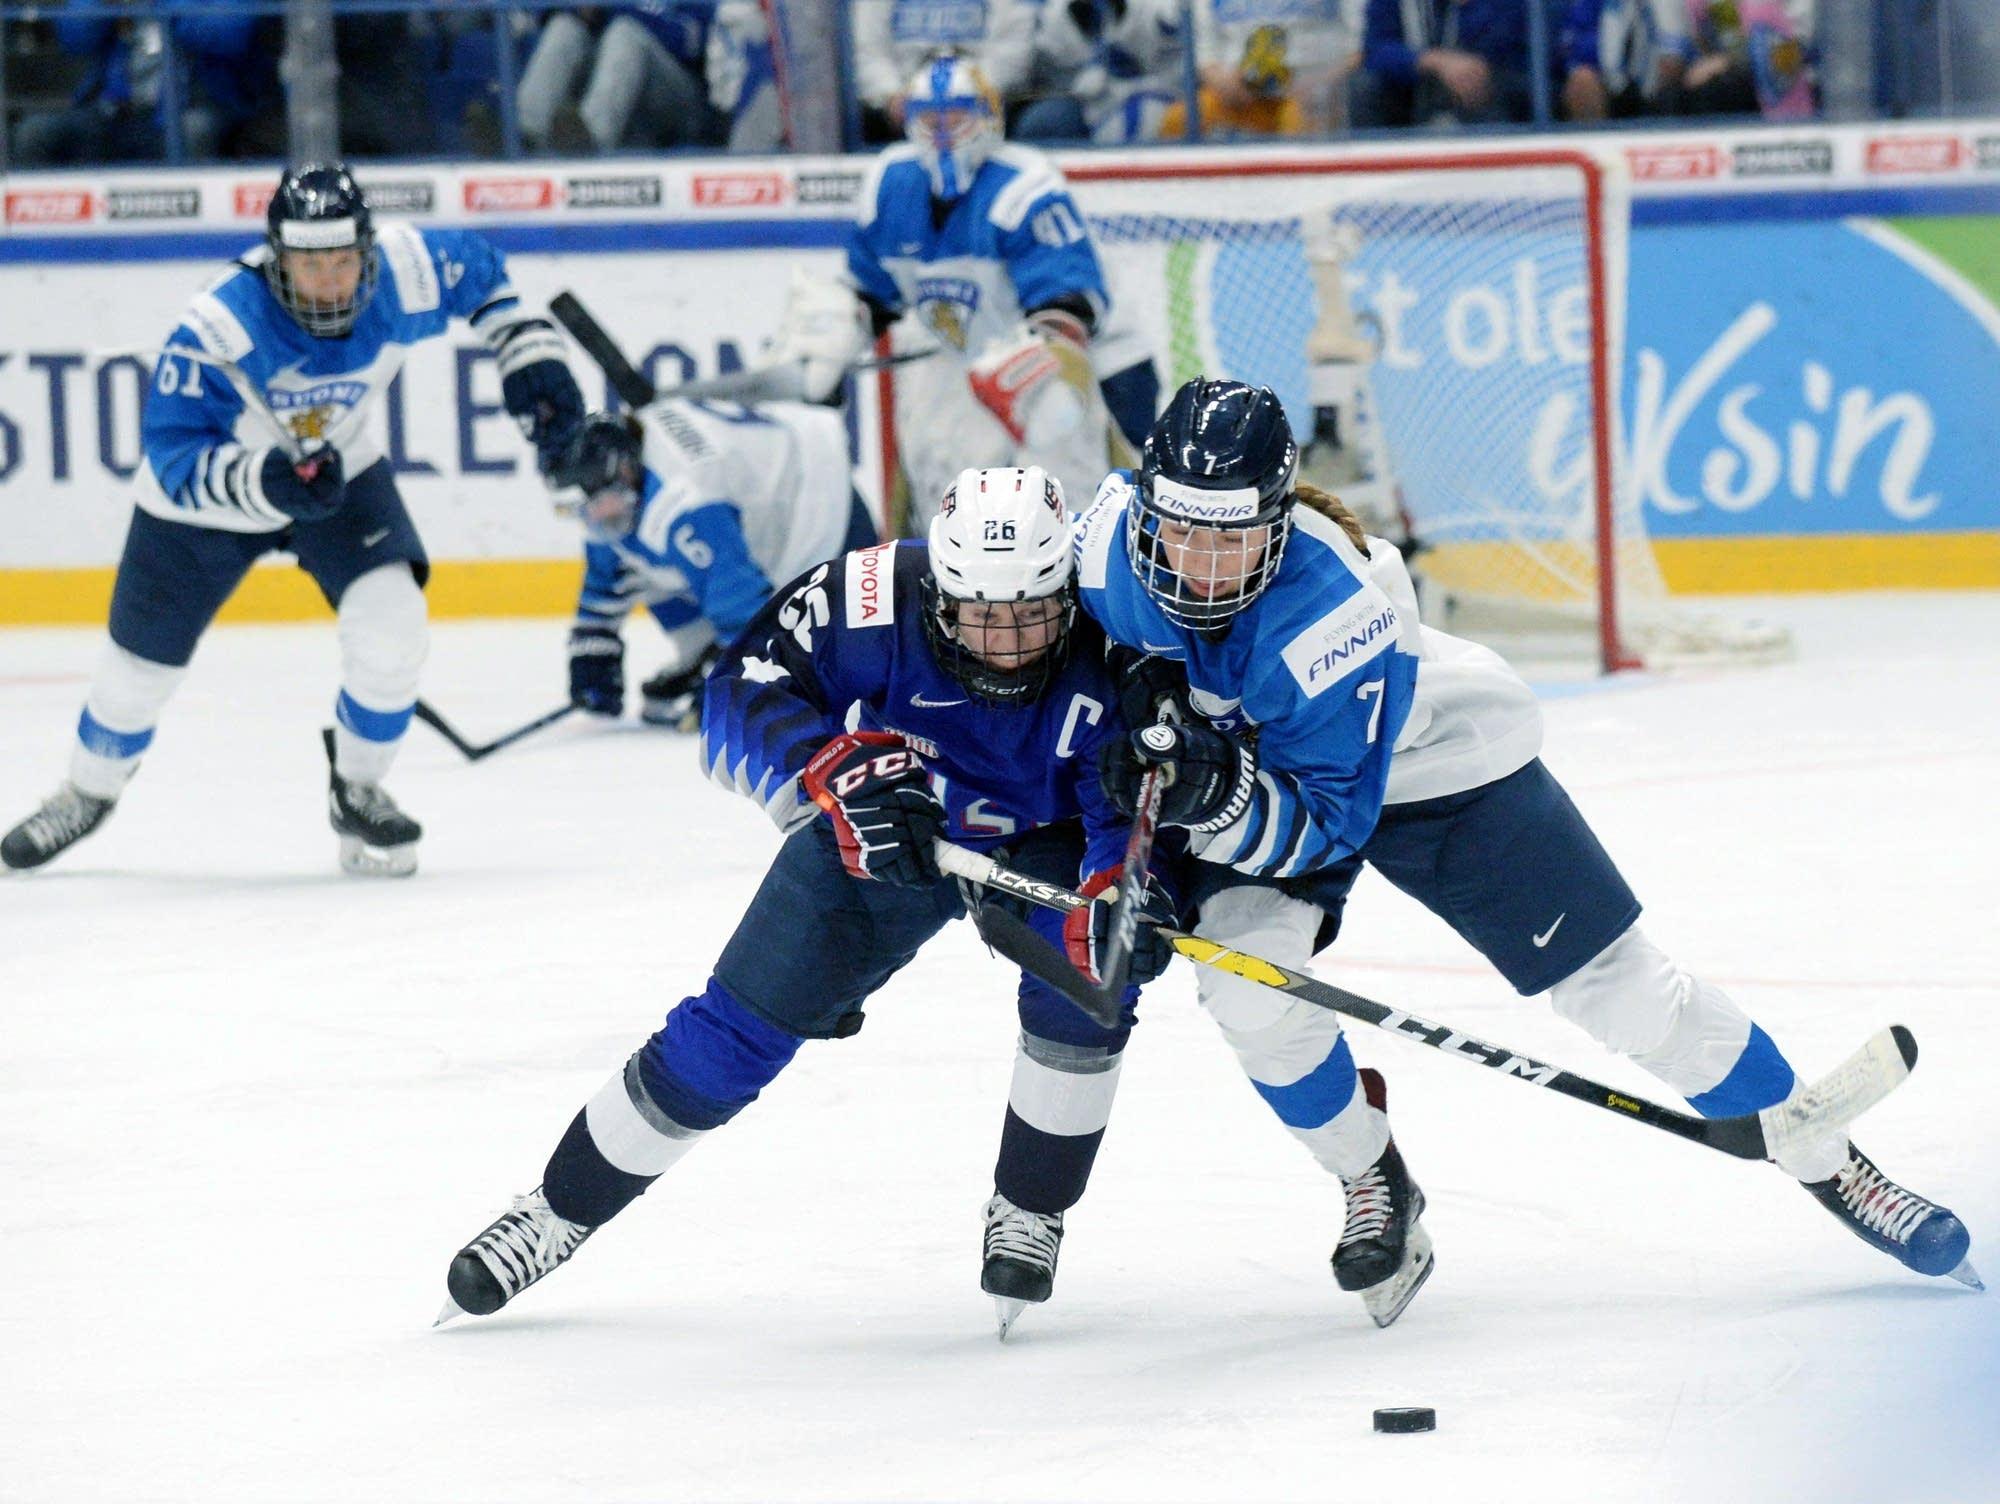 IIHF Women's Ice Hockey World Championships